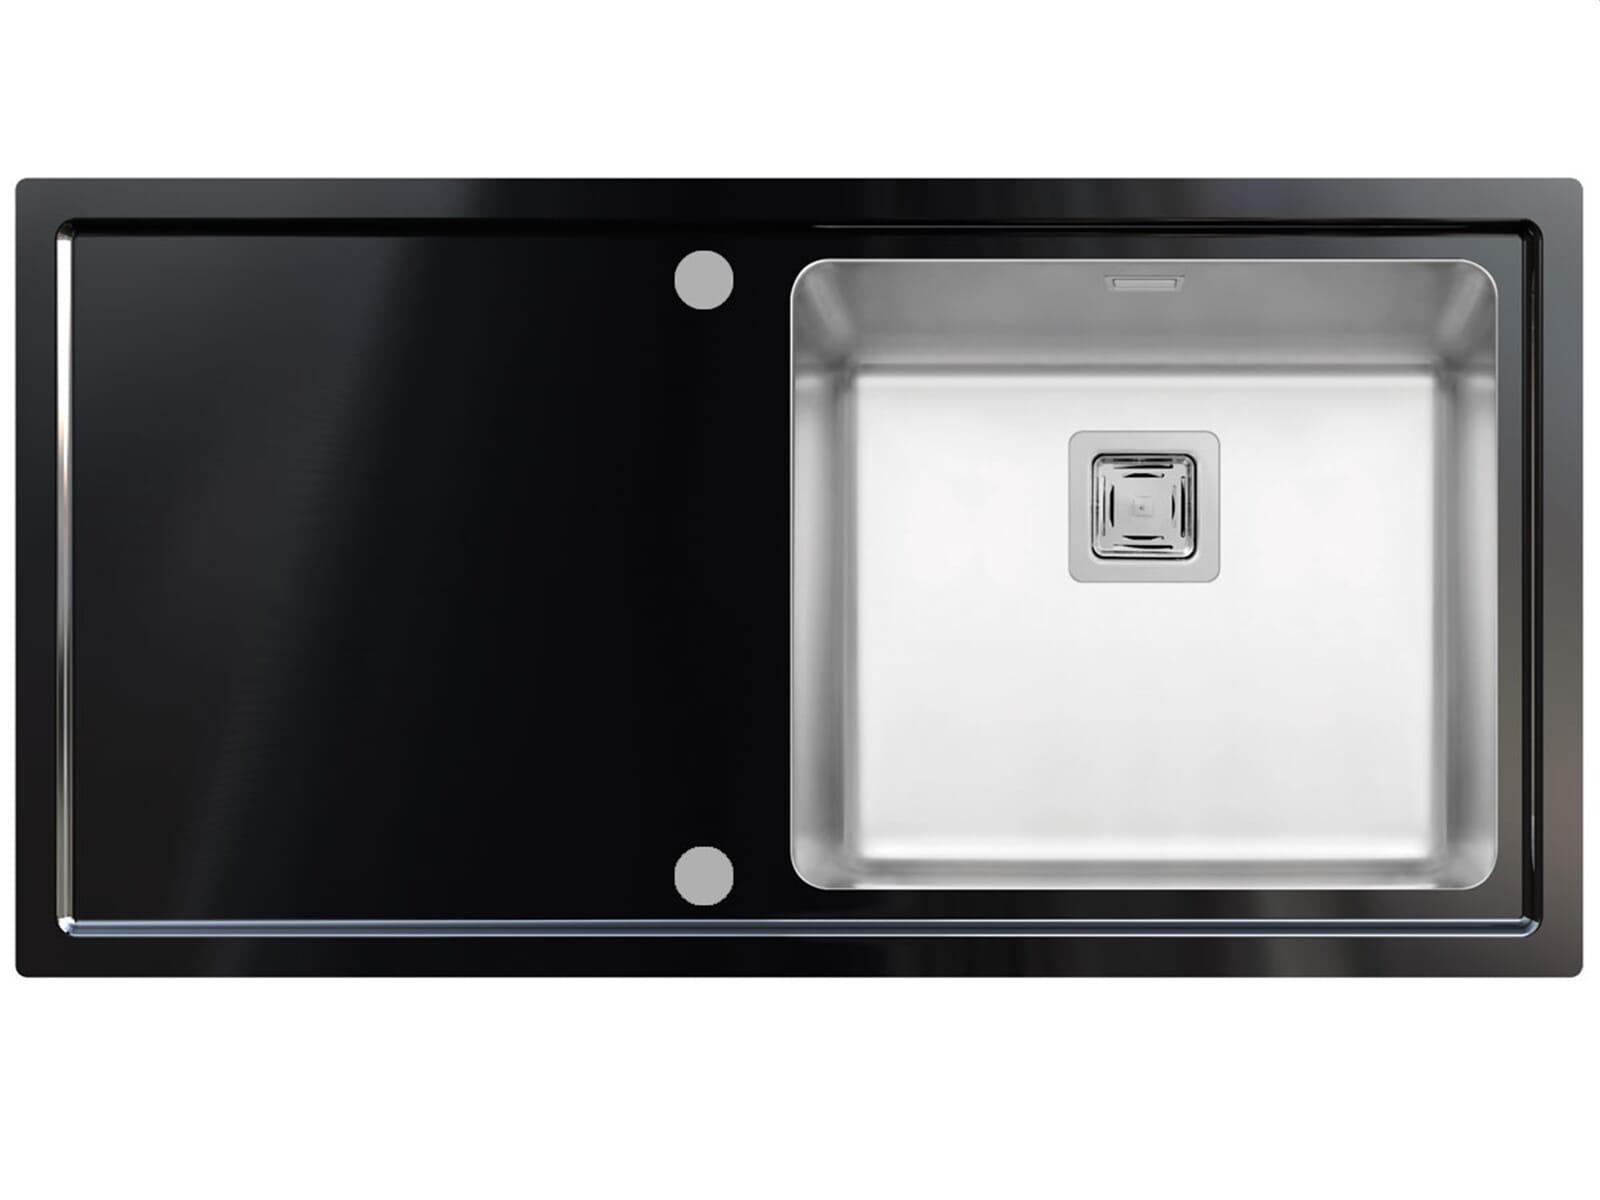 einbausp le edelstahl glas eckventil waschmaschine. Black Bedroom Furniture Sets. Home Design Ideas